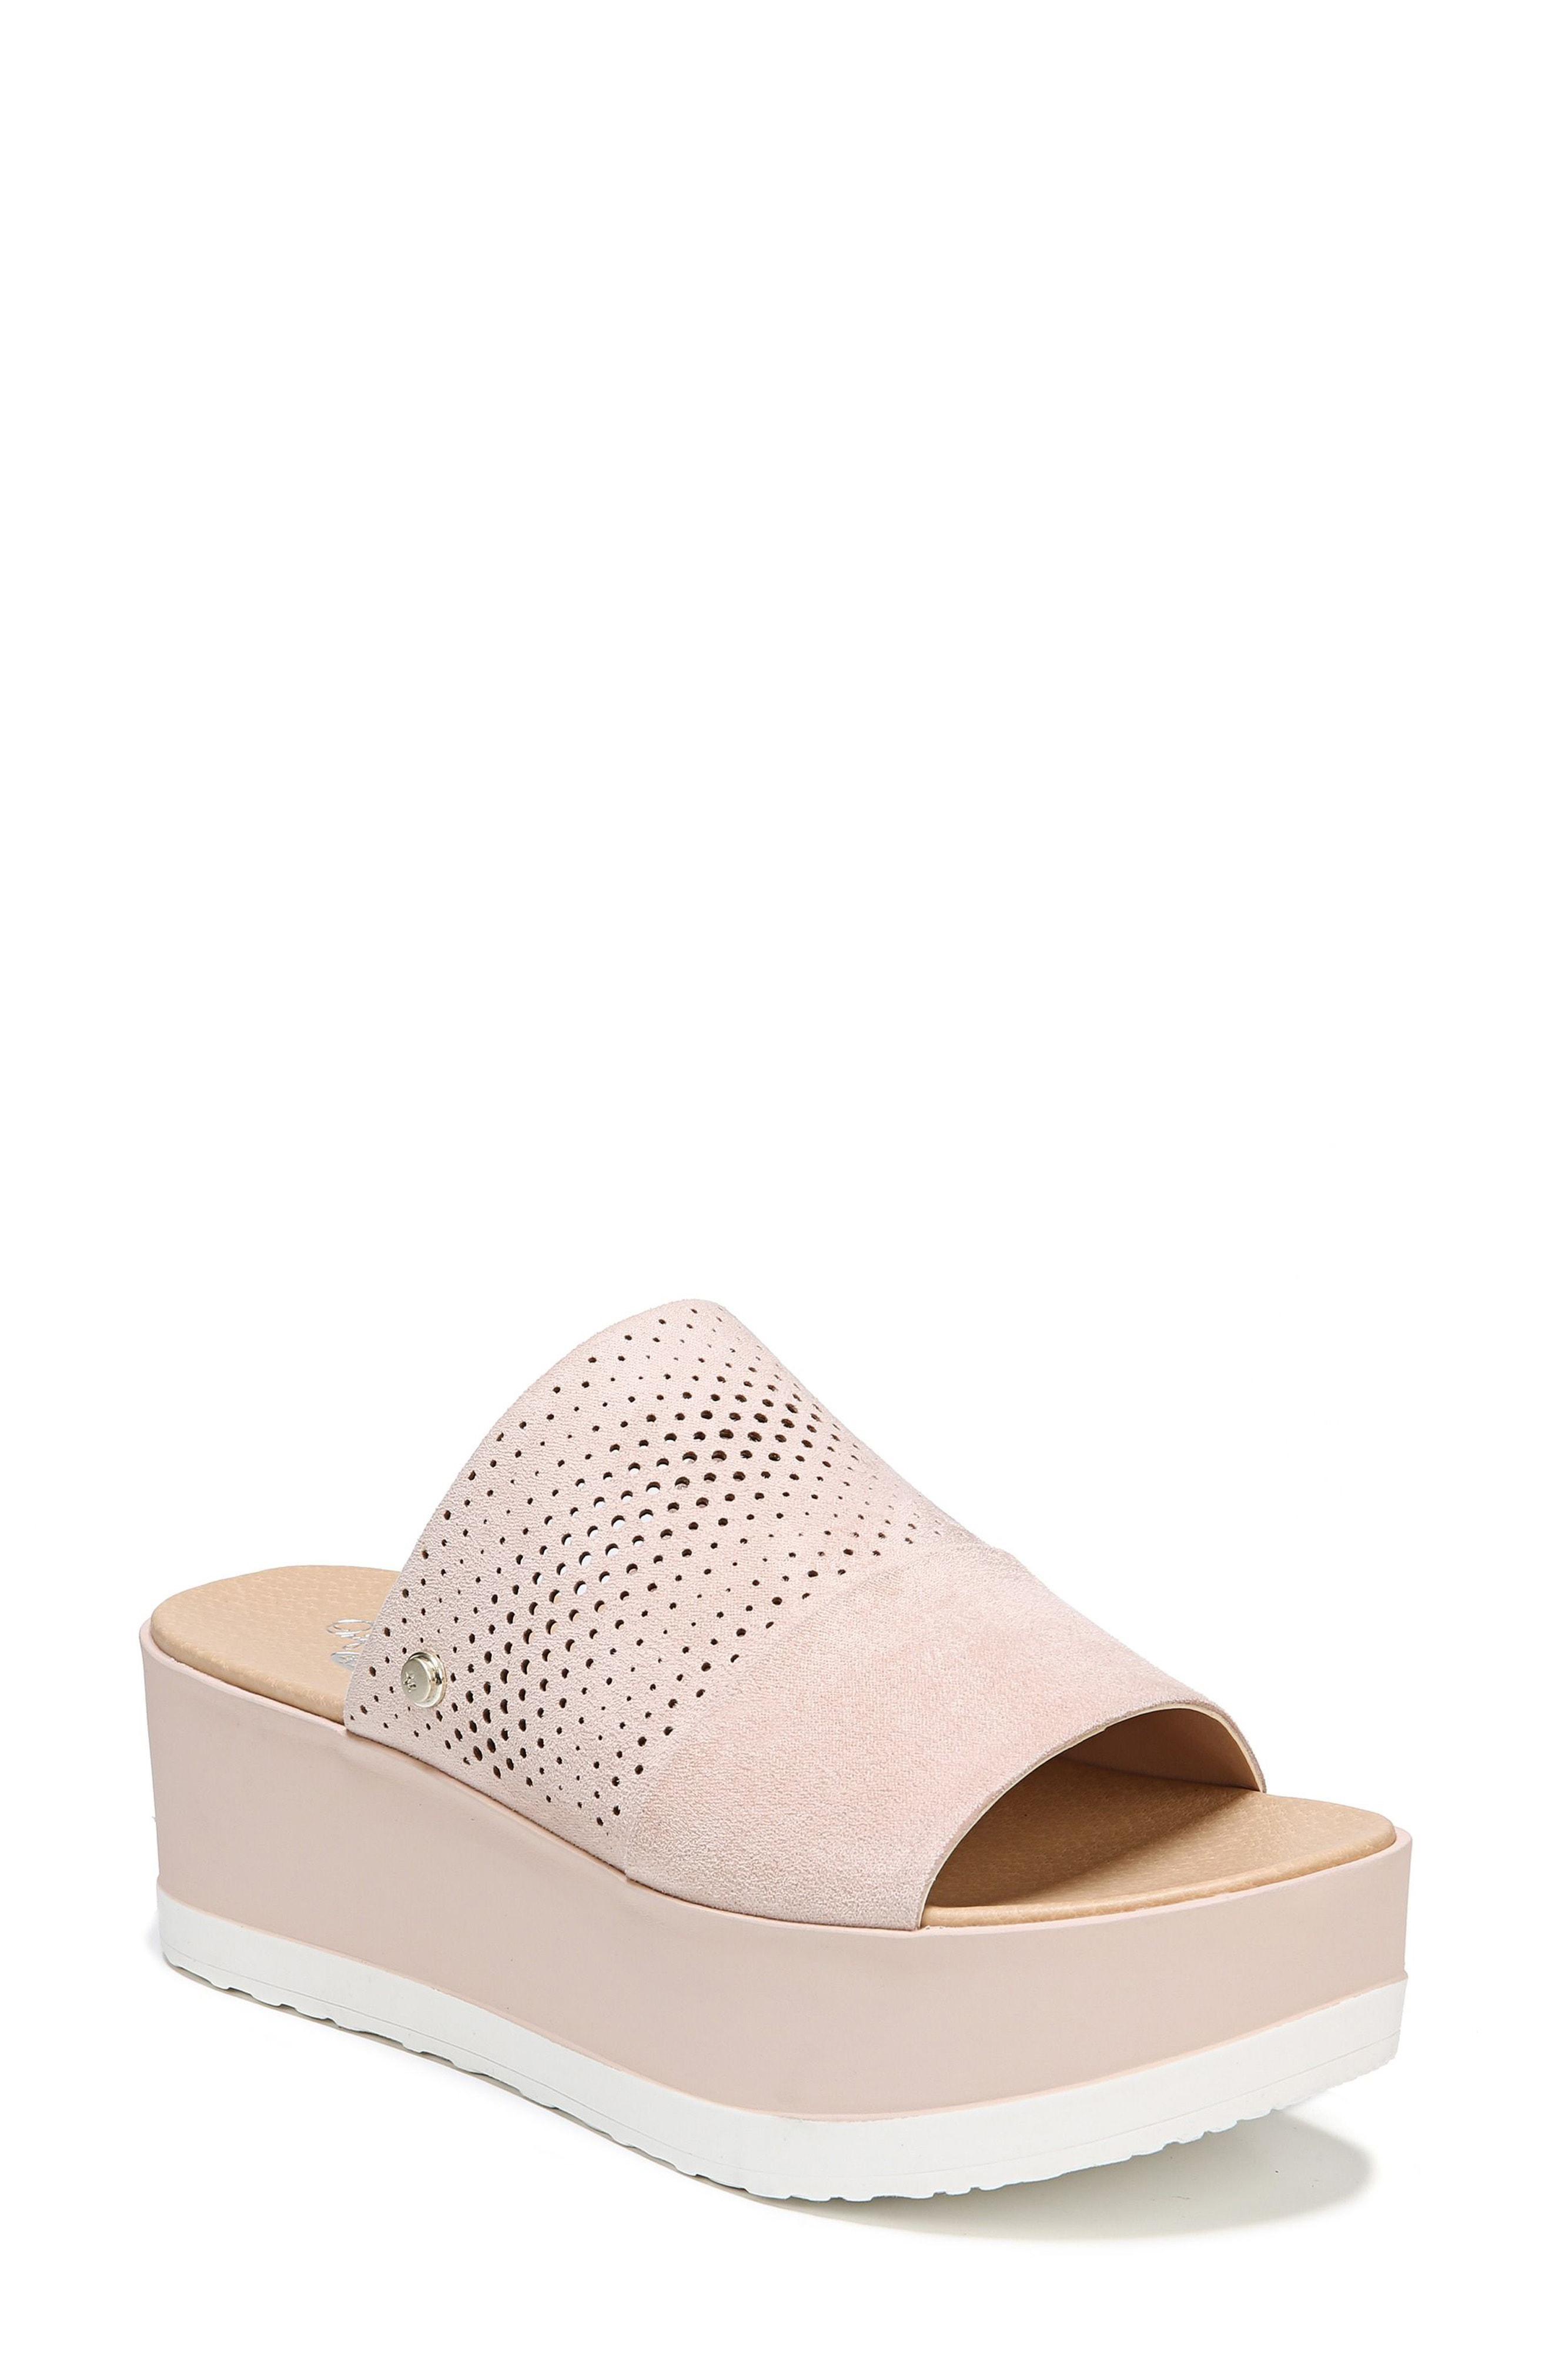 9d34e11f4c8d Lyst - Dr. Scholls Collins Platform Sandal in Pink - Save ...